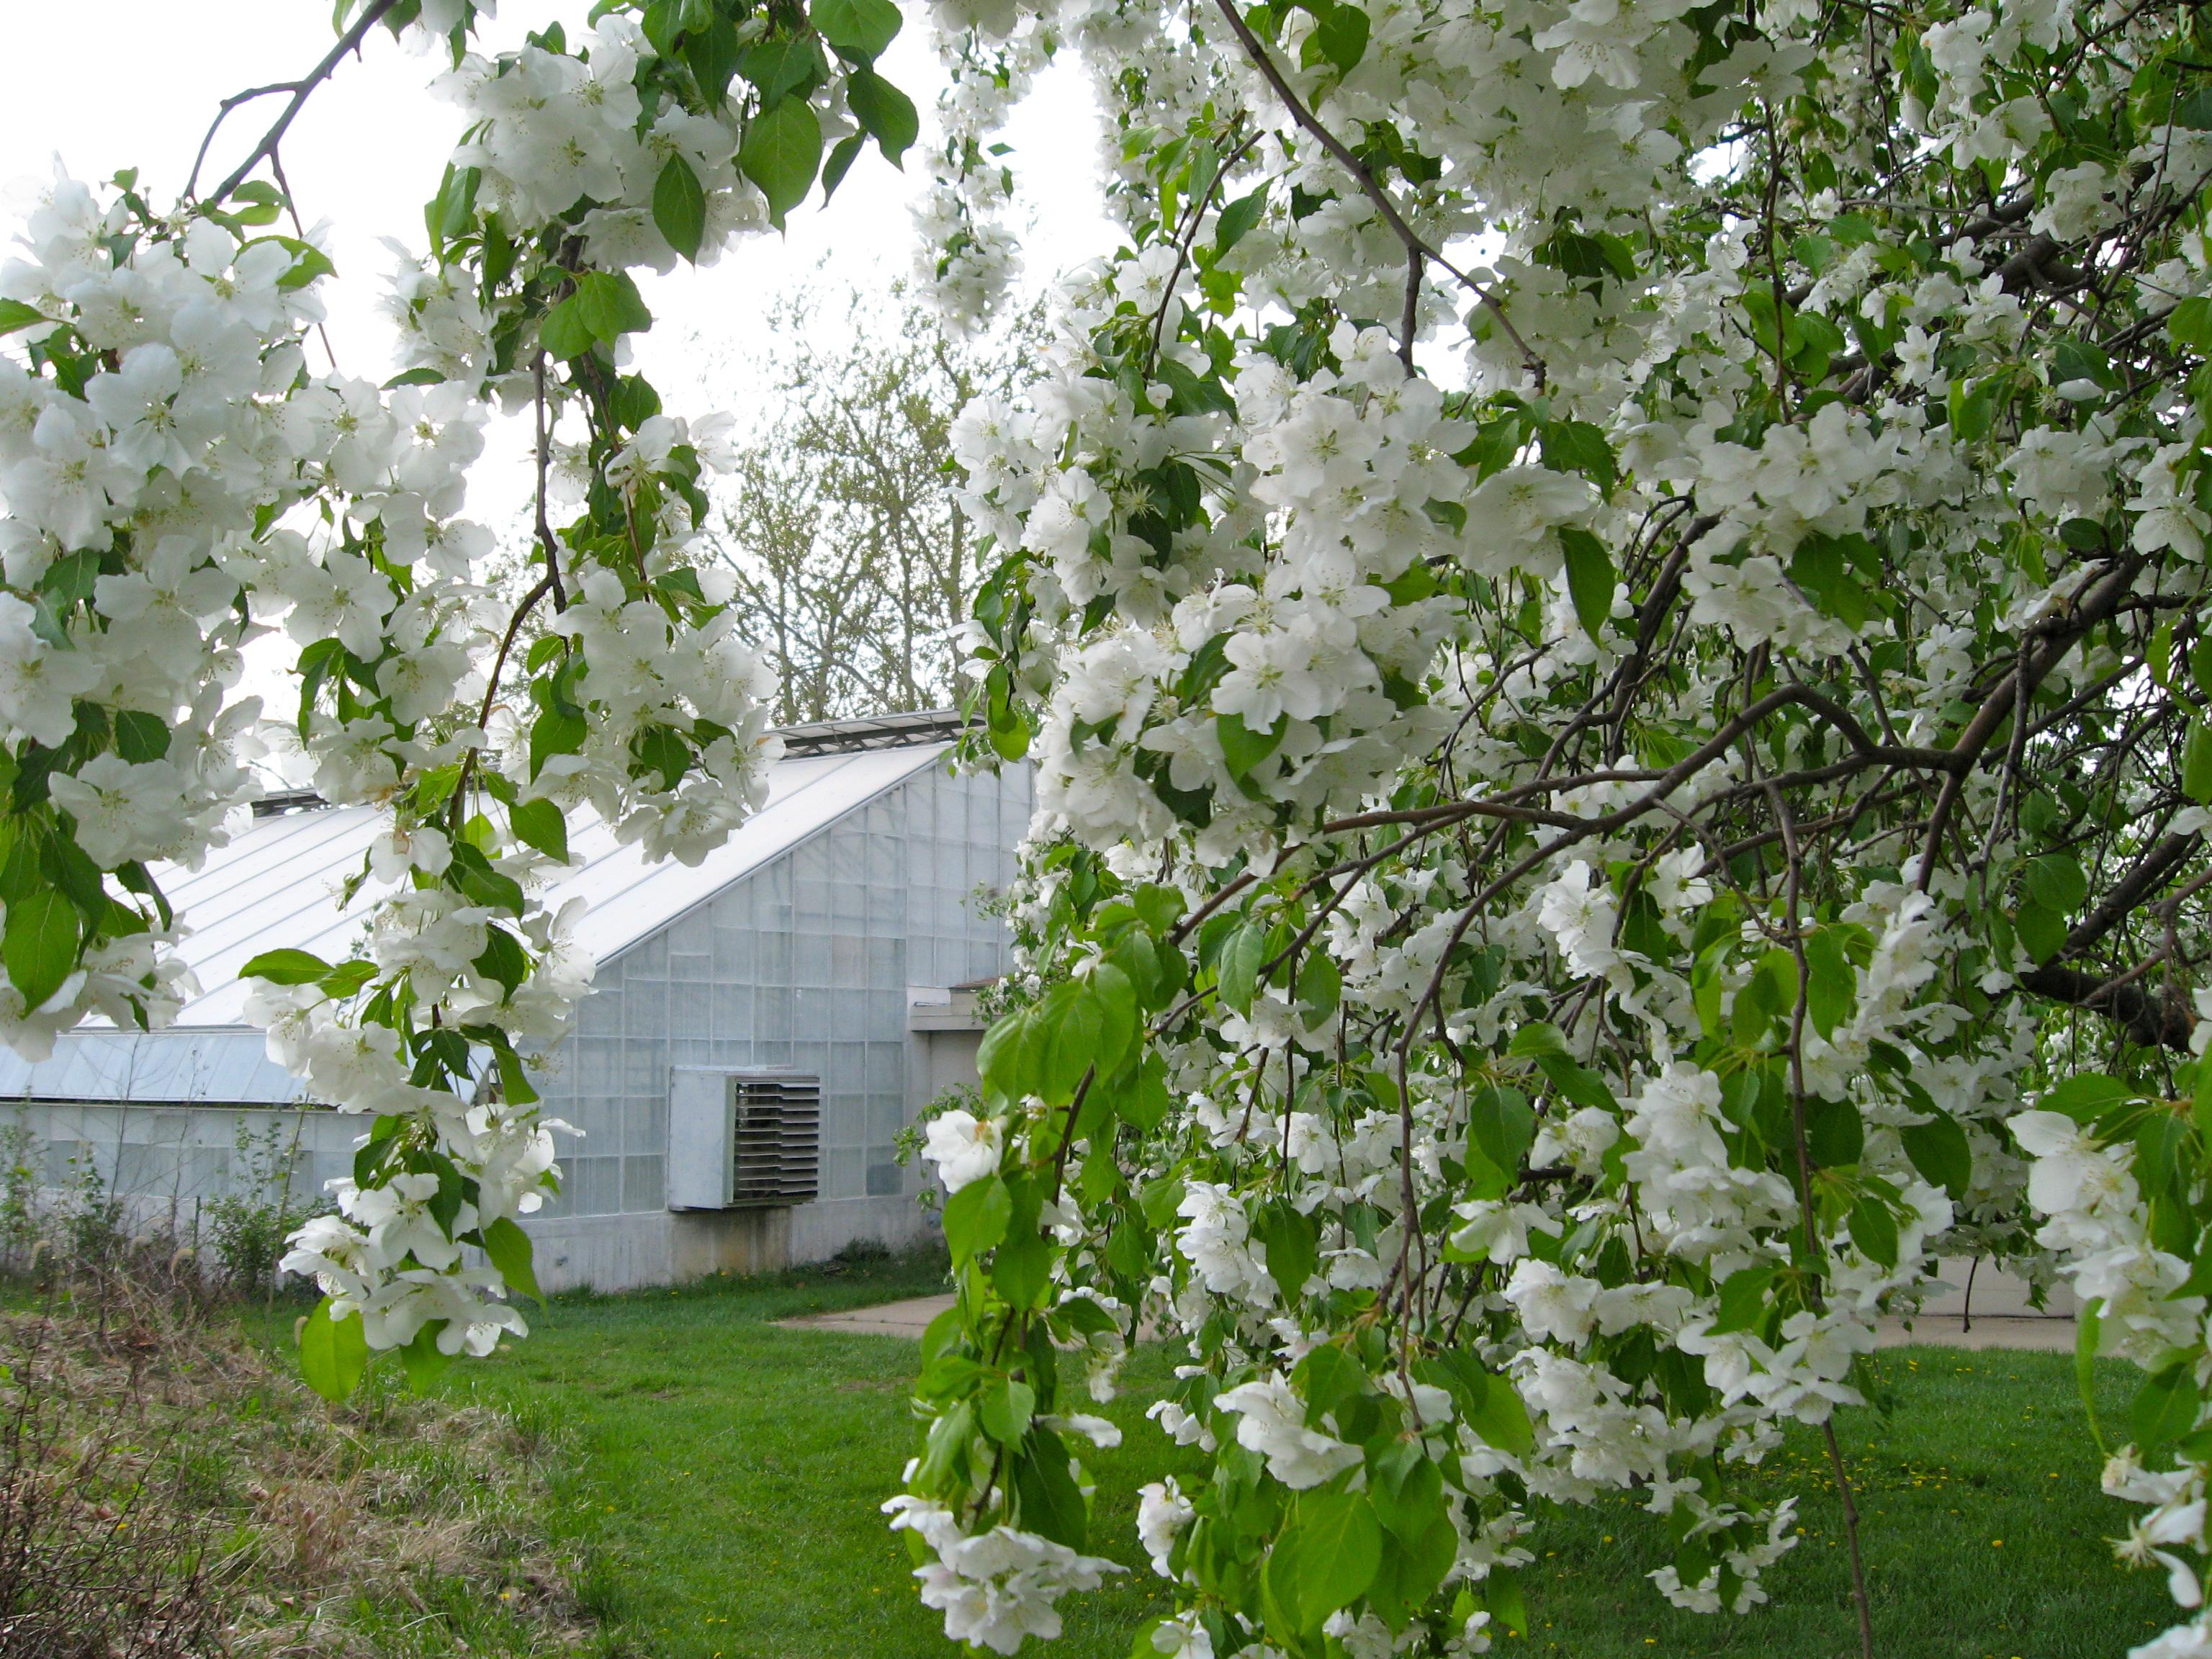 KU greenhouse